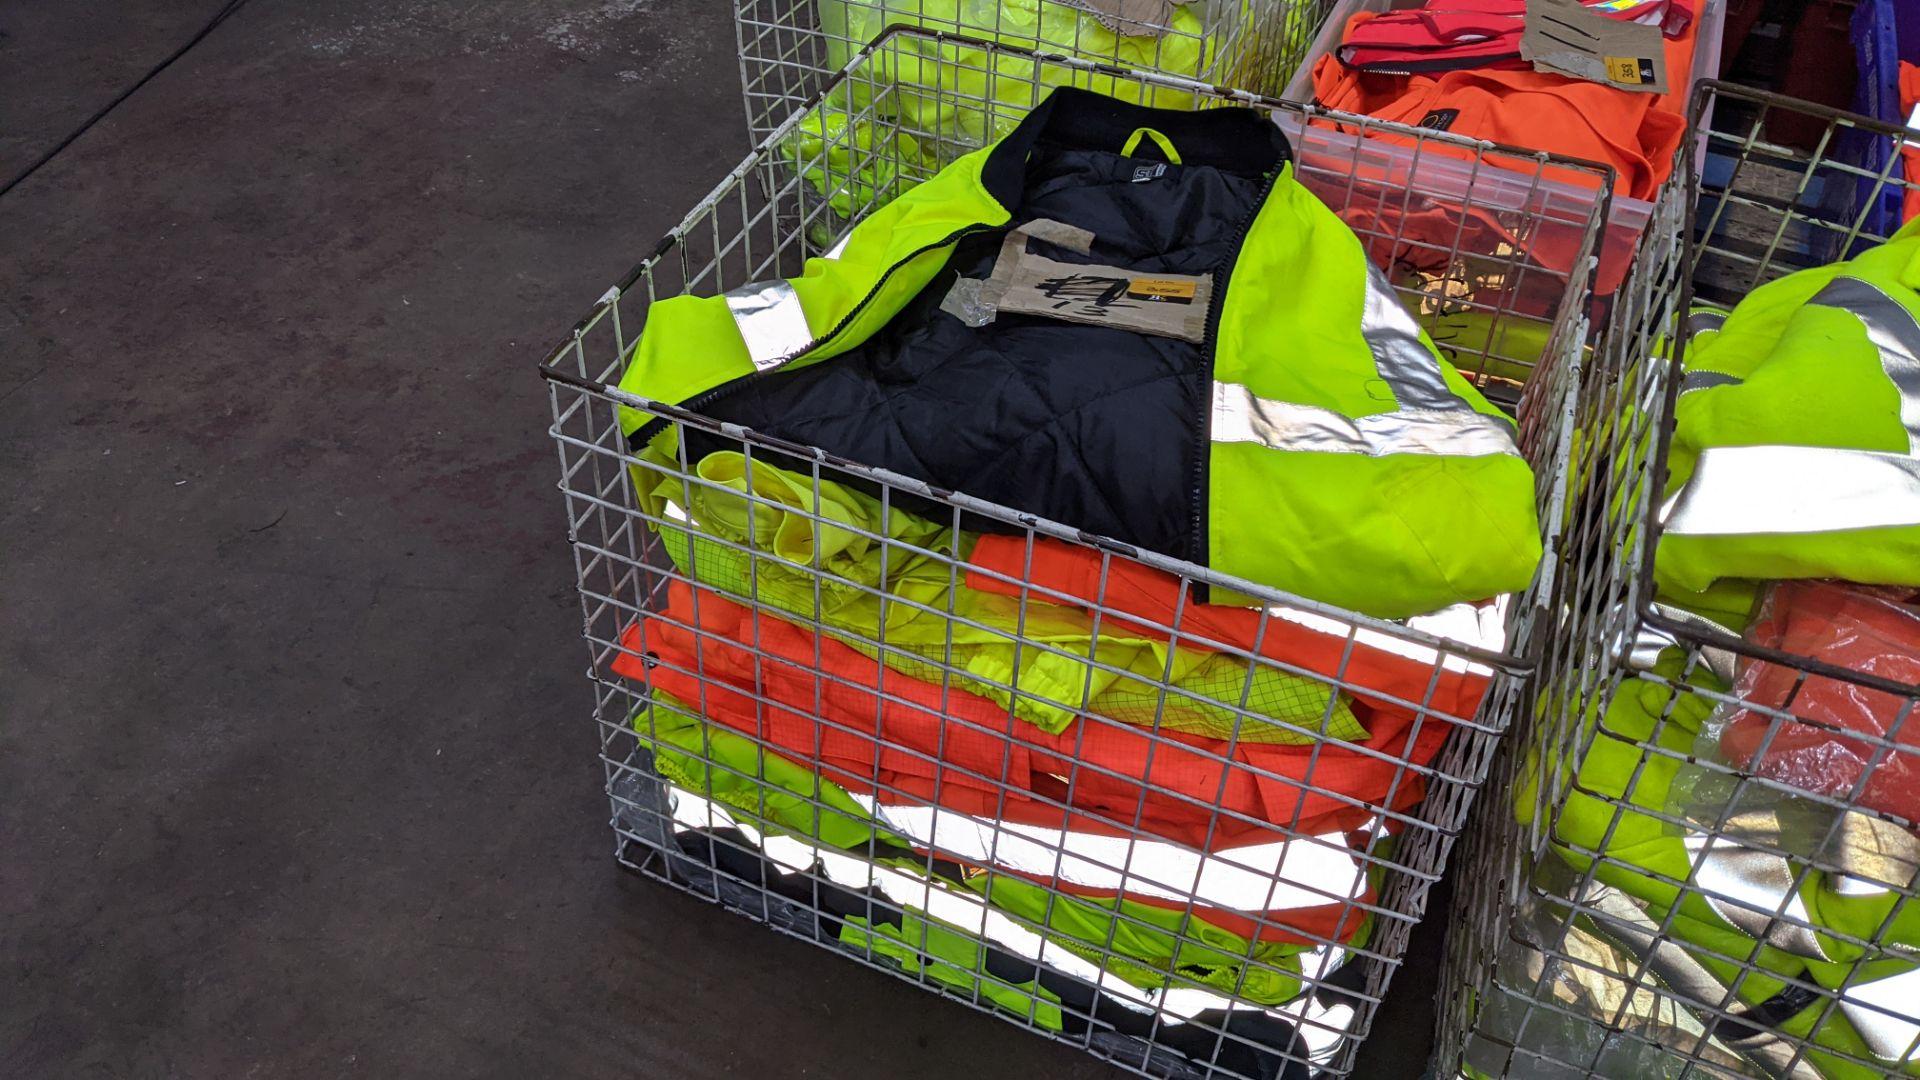 13 off assorted hi-vis jackets - Image 4 of 4